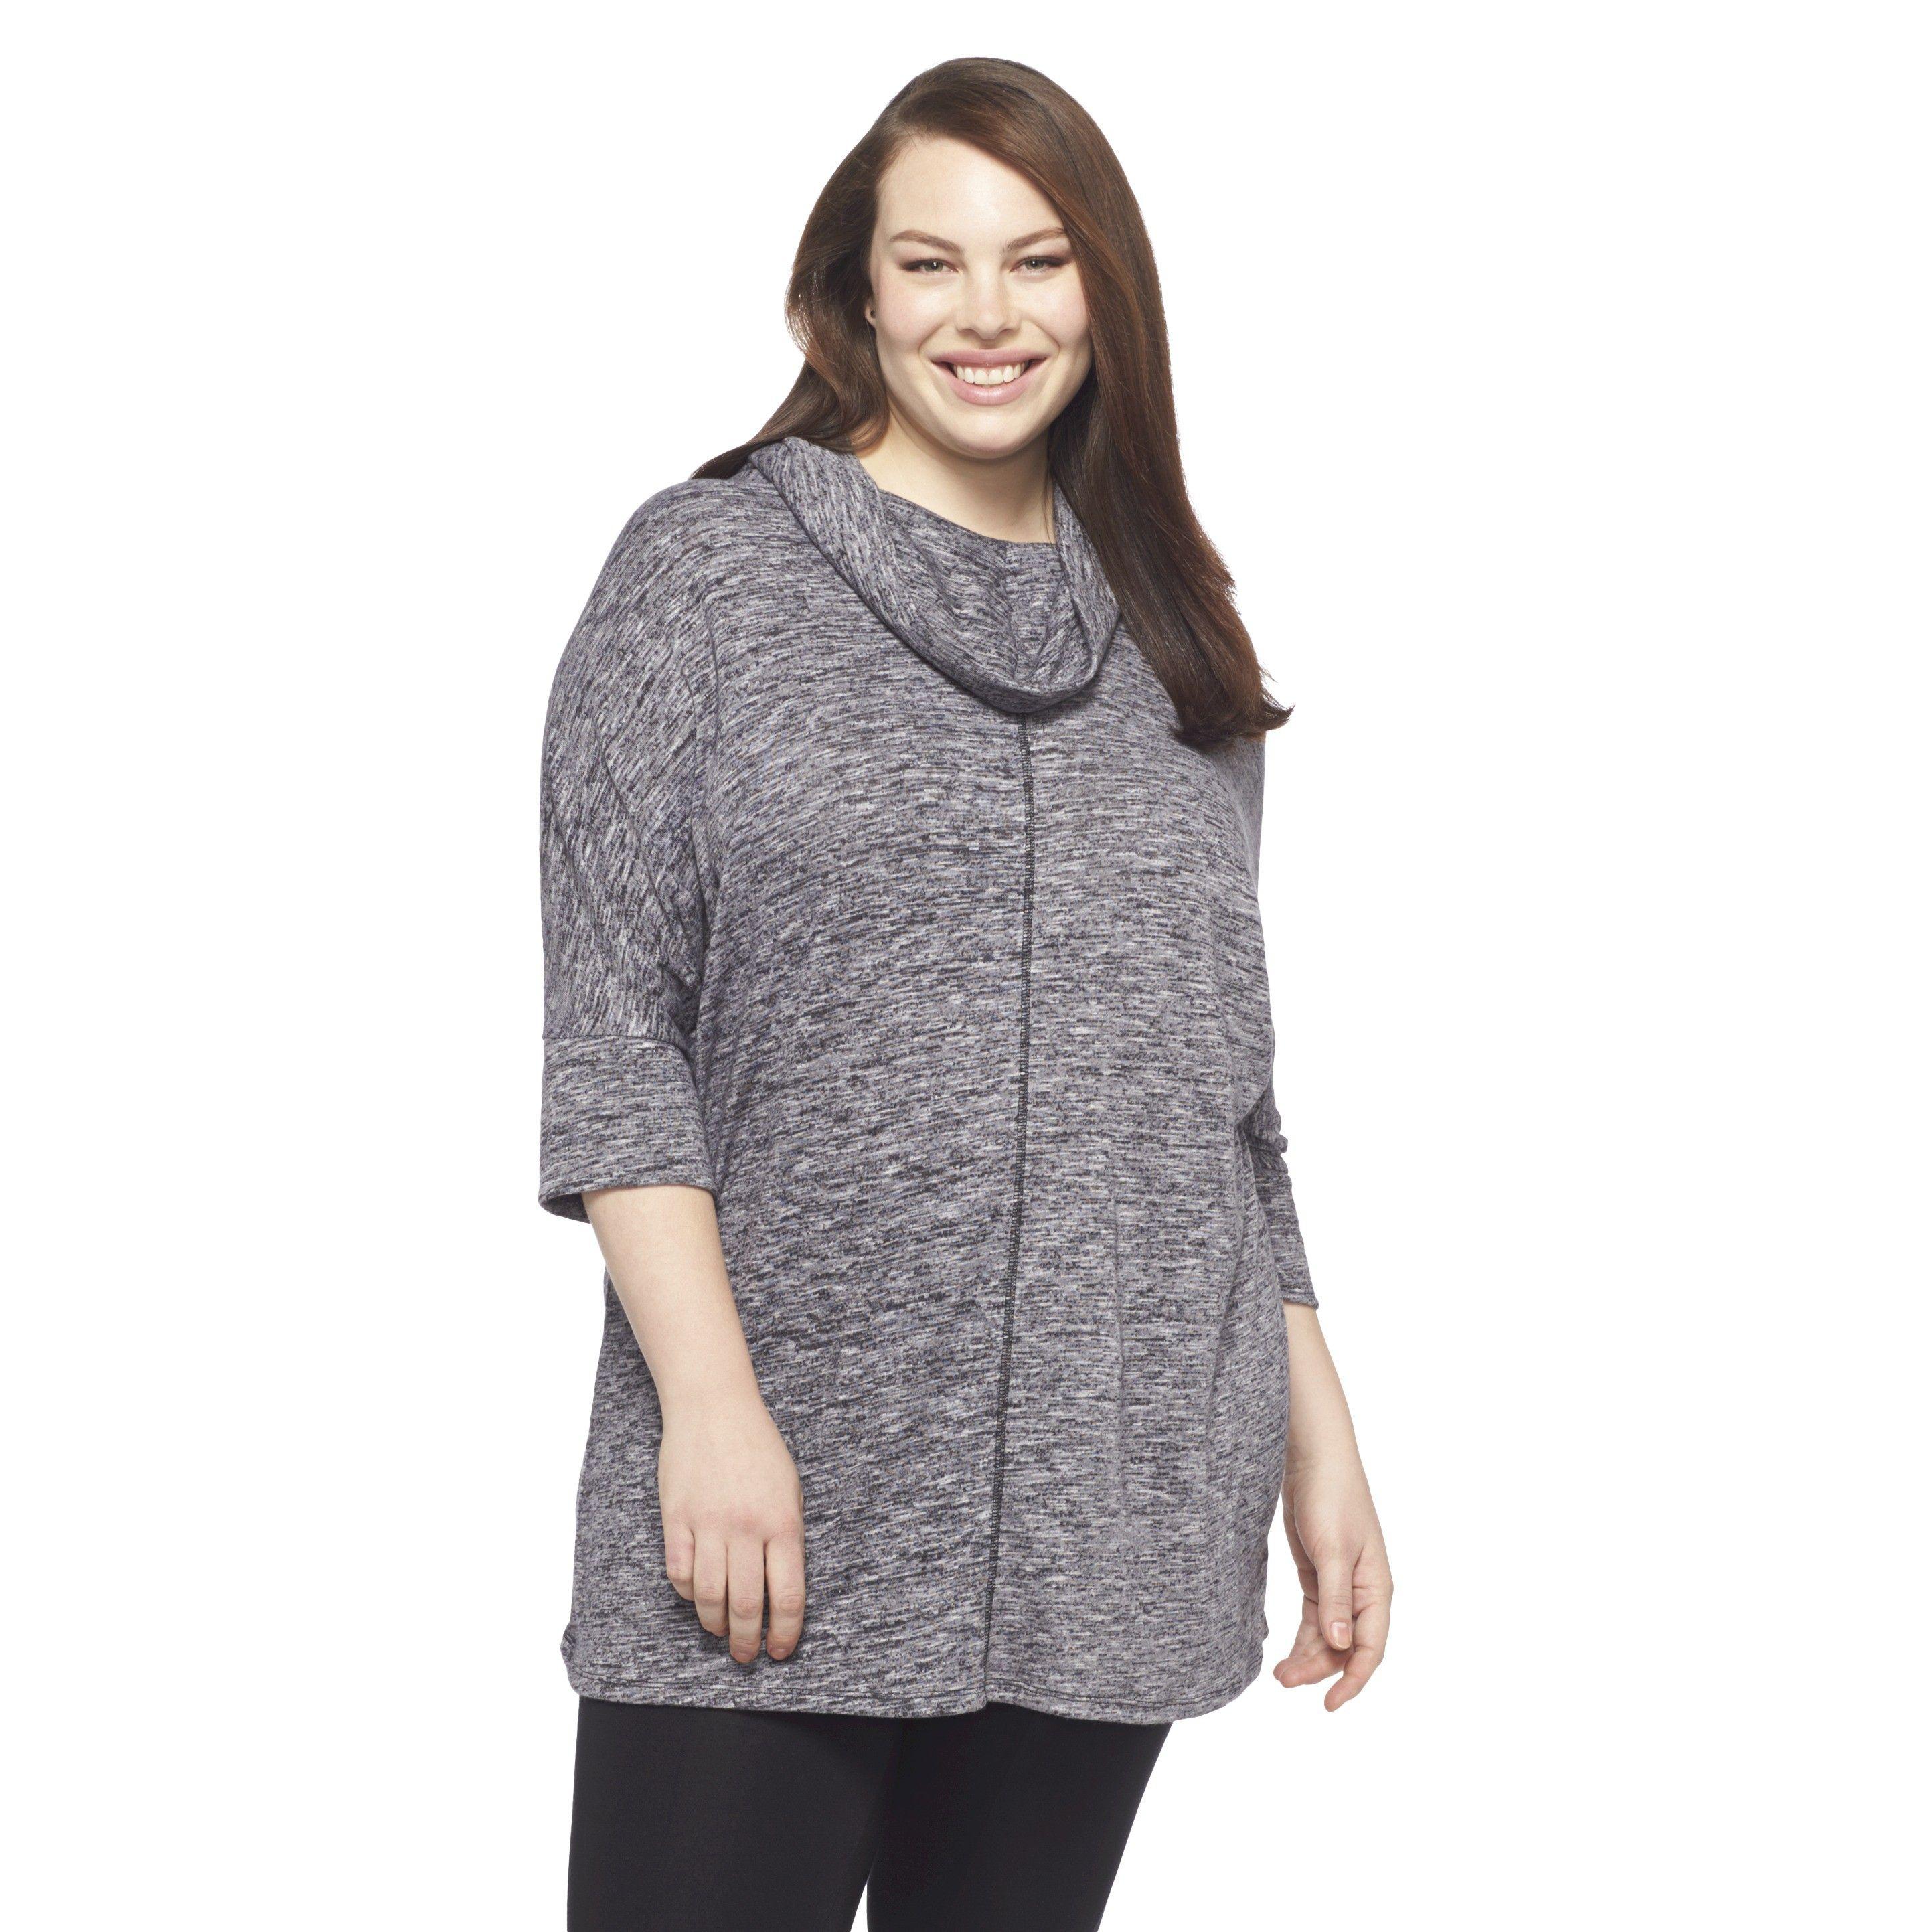 Women's Plus Size 3/4 Sleeve Cowlneck Top Black-Ava & Viv